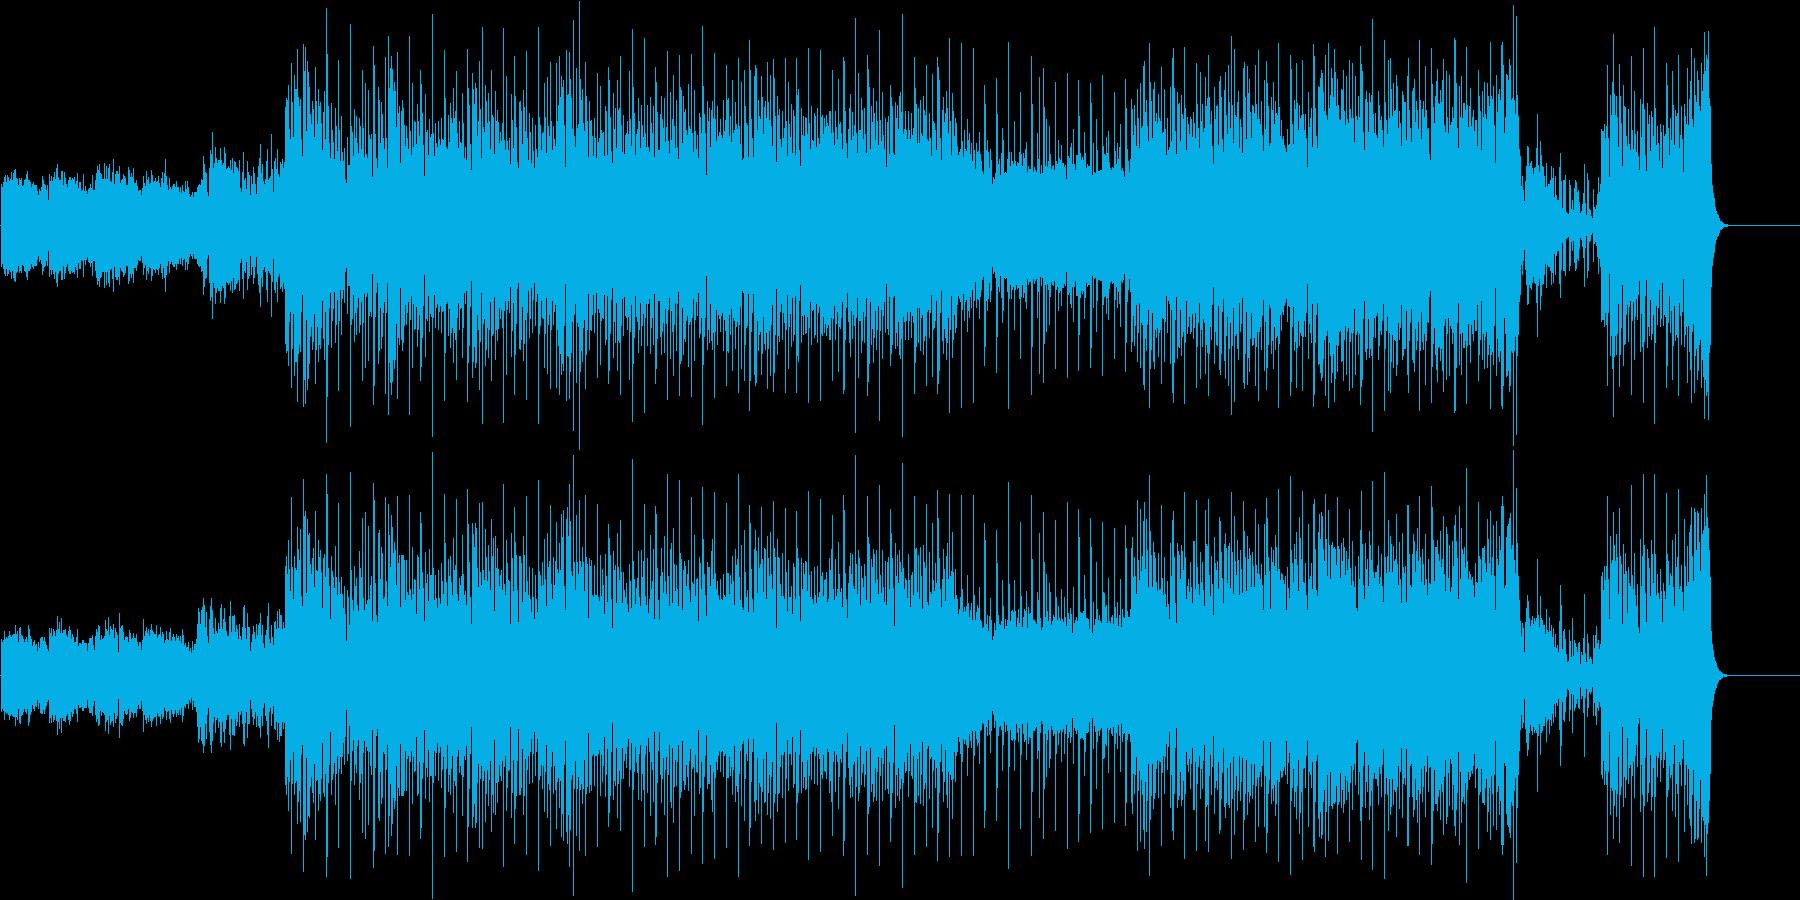 ジャジーなムードのトレンディー・サウンドの再生済みの波形